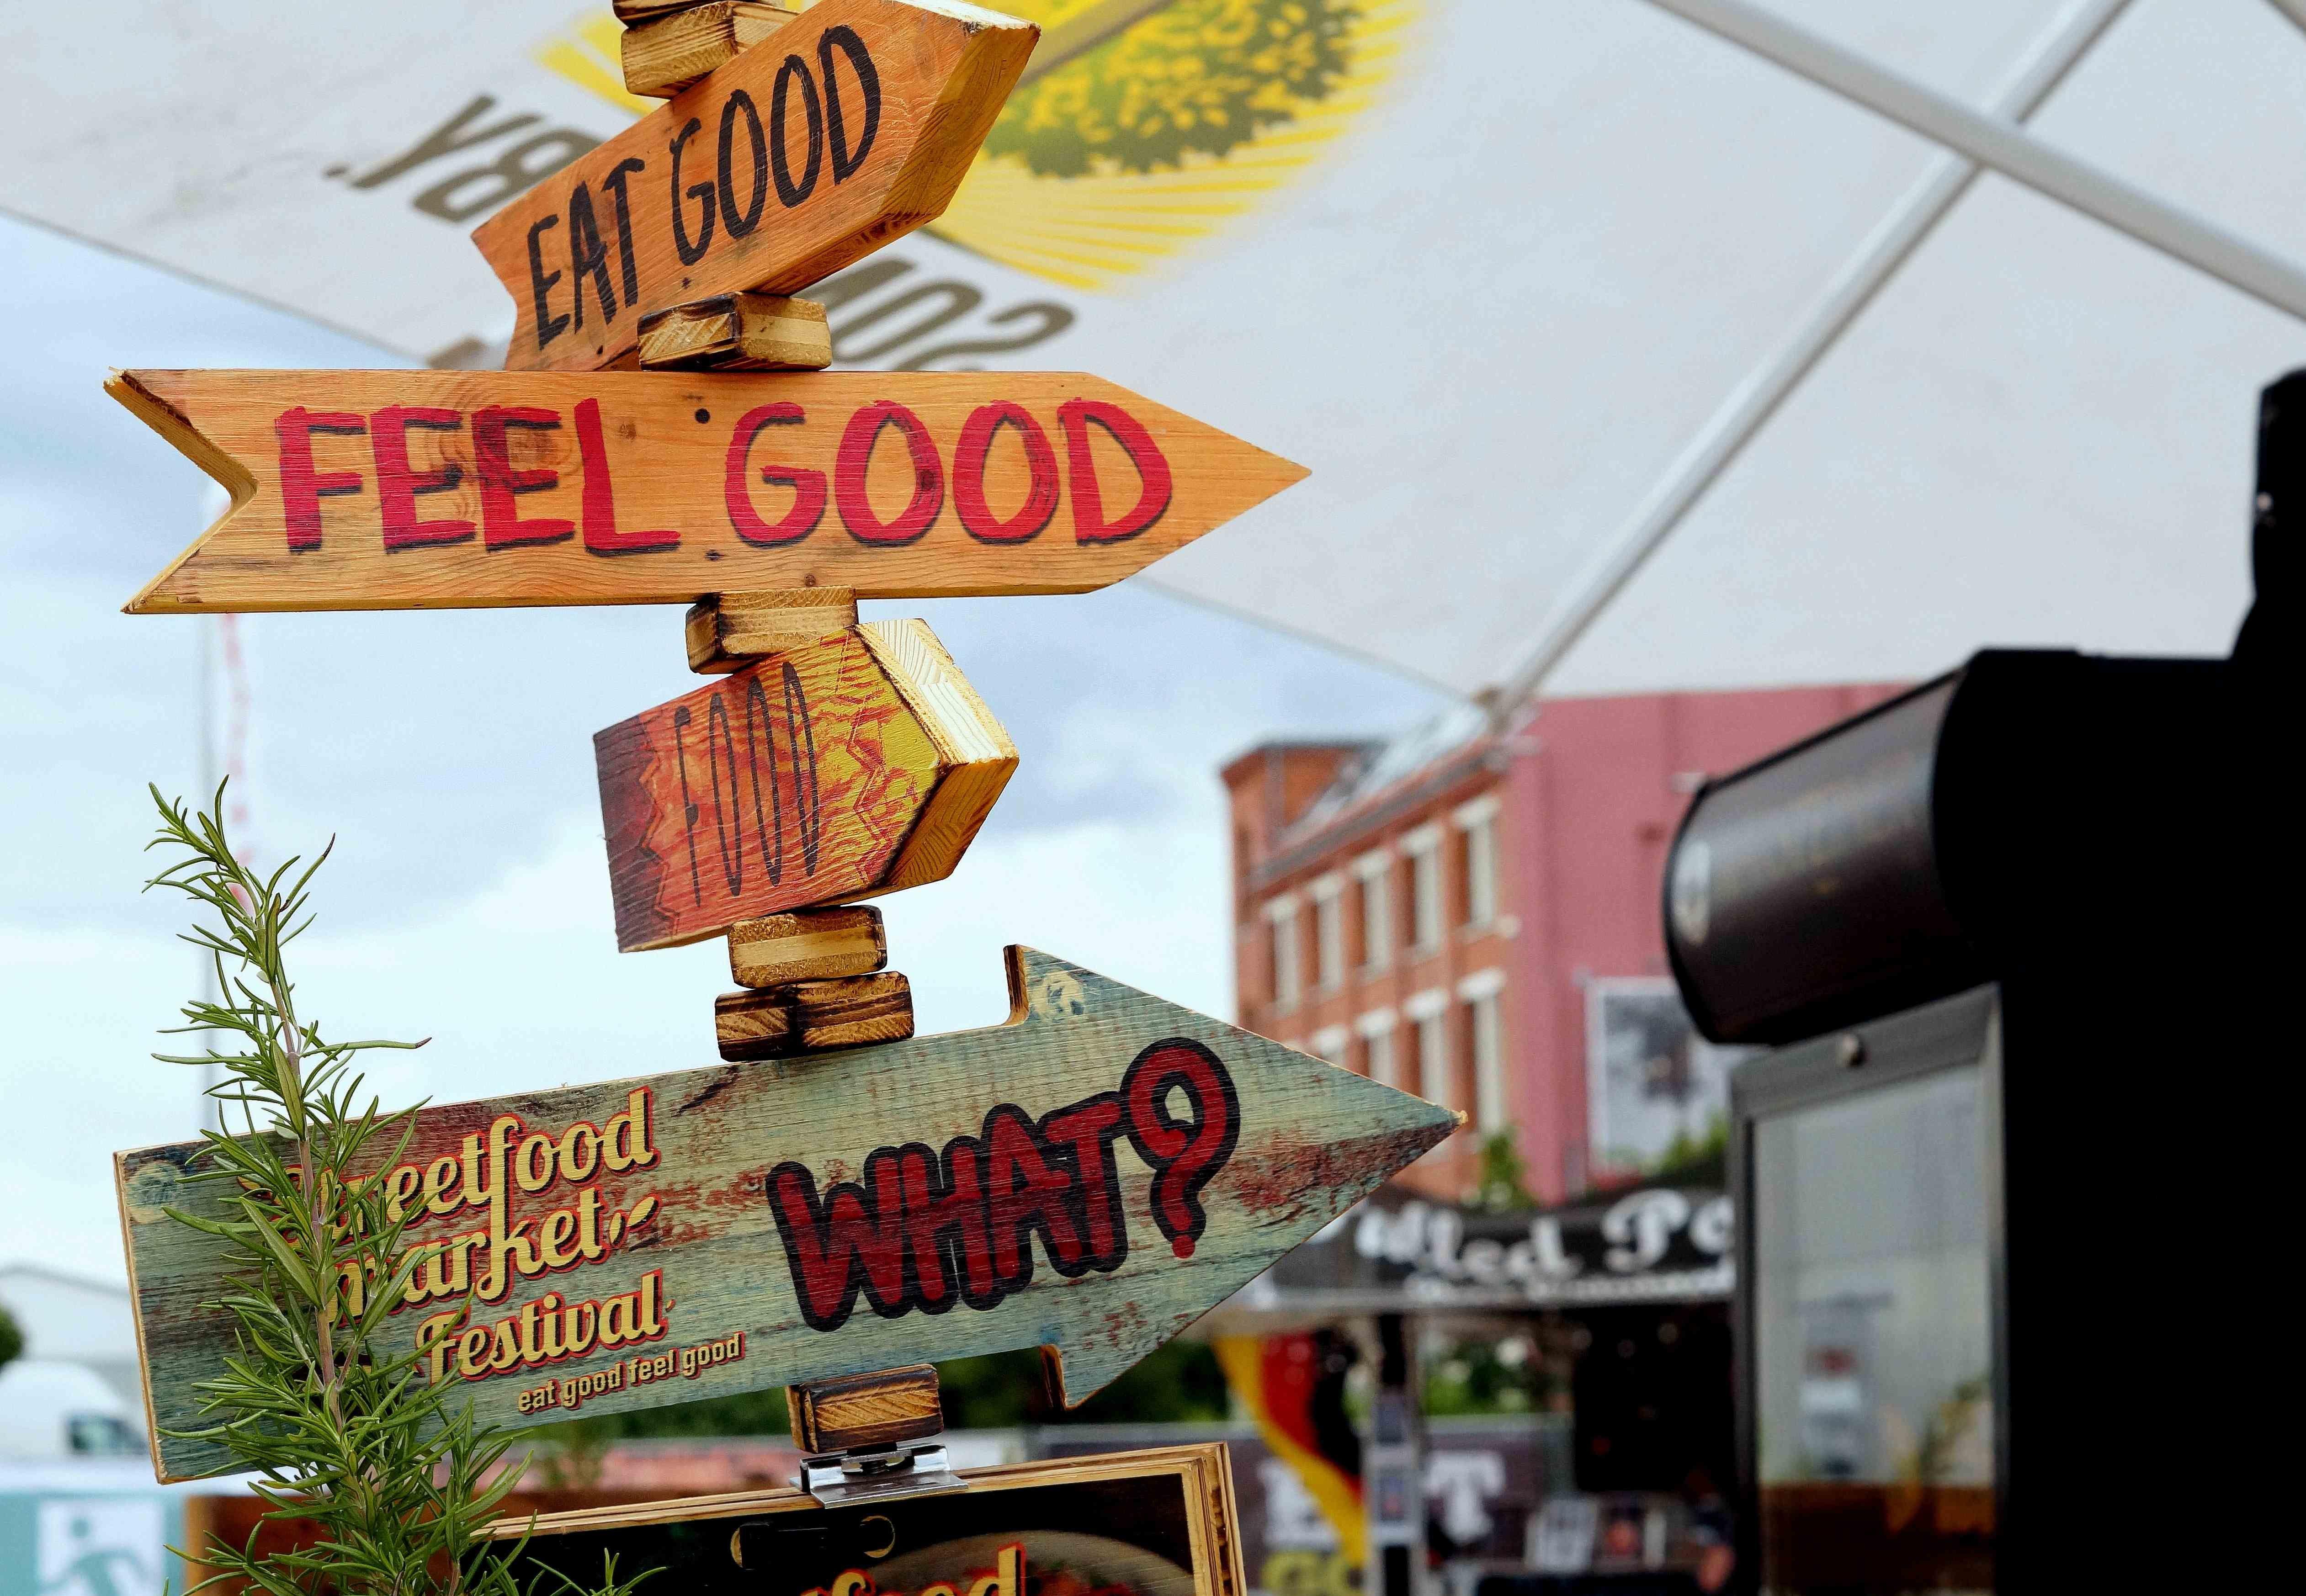 Street Food Market 2016 Jpg 5046 3493 Streetfood